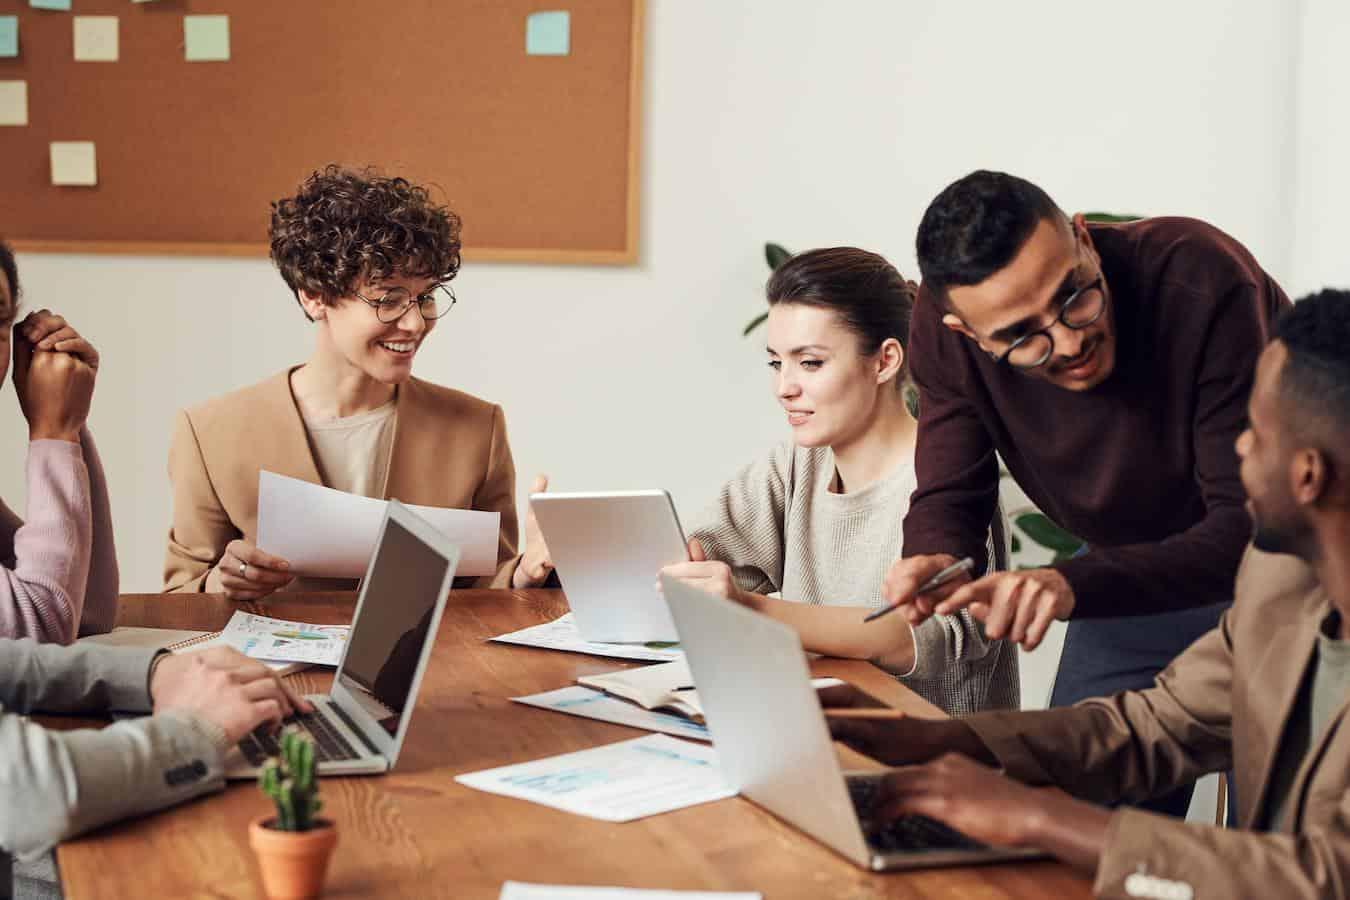 How to make meetings fun